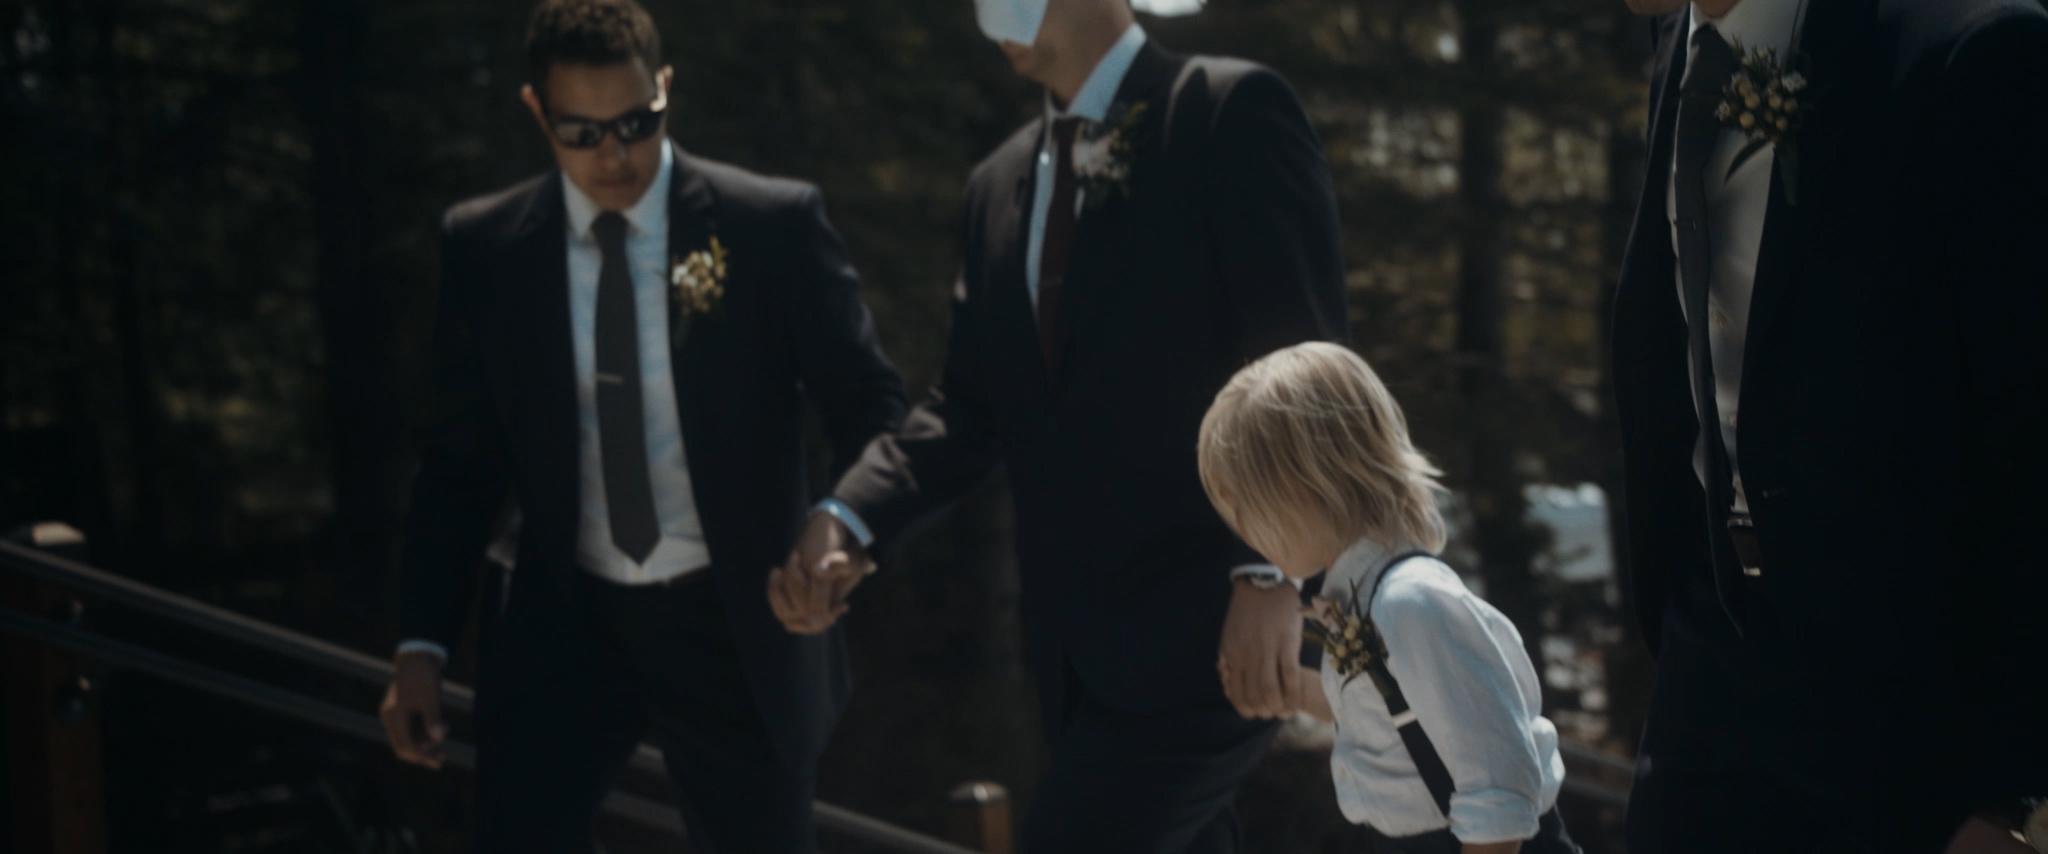 HAVENS_Wedding_Film.00_02_31_04.Still031.jpg